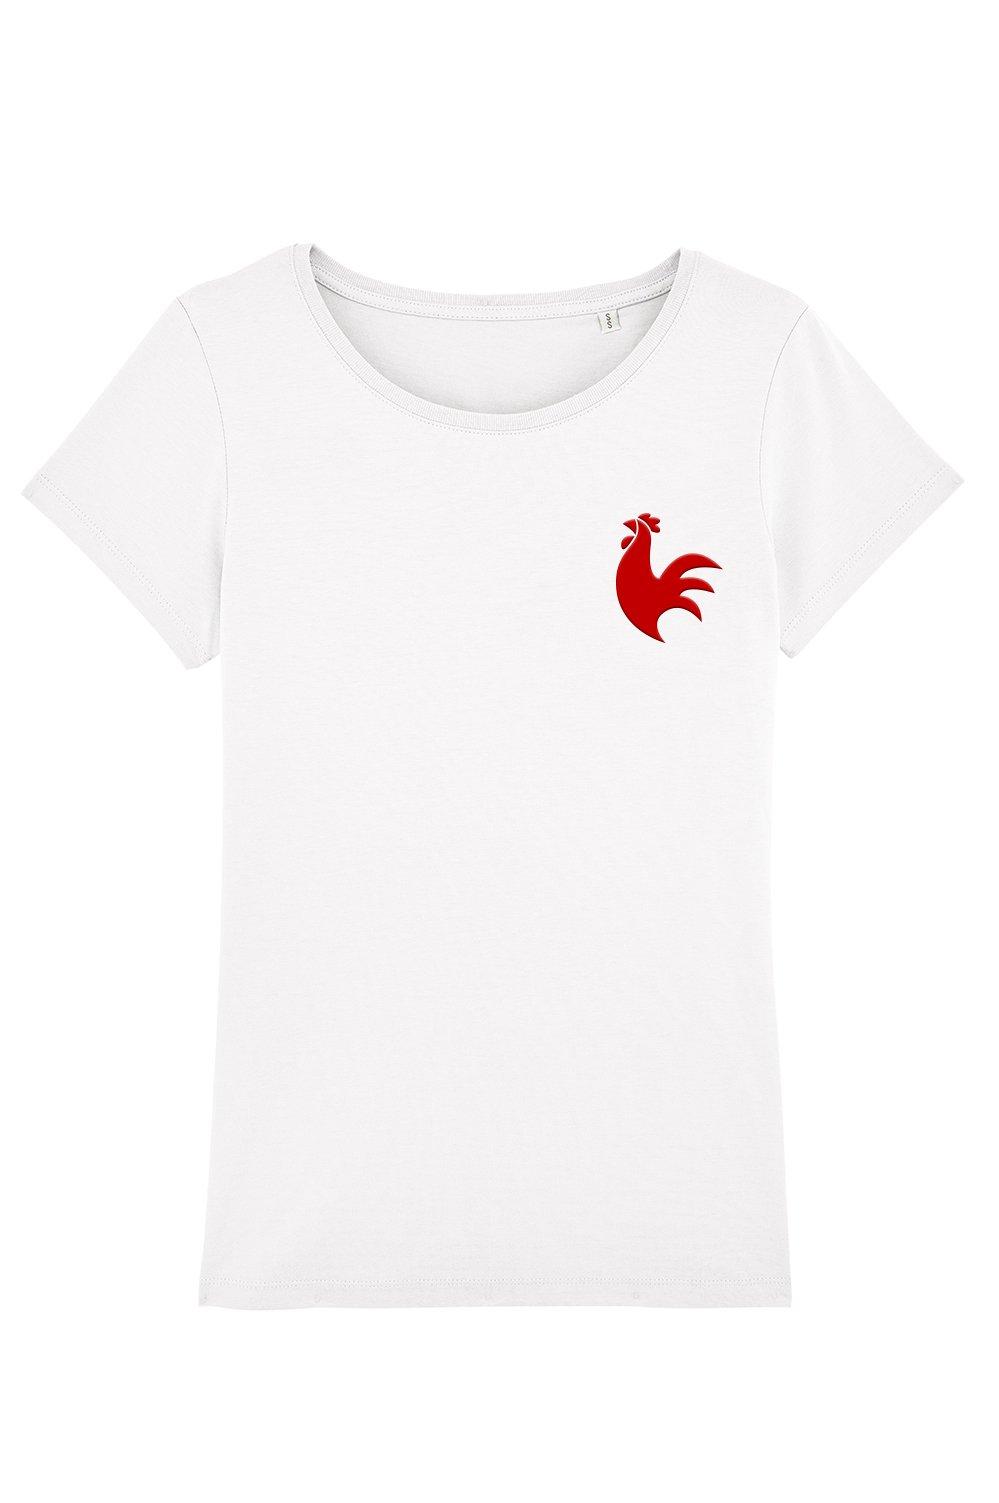 Image of t-shirt COQ - femme, homme et enfant - le t shirt foot x the Simones - blanc